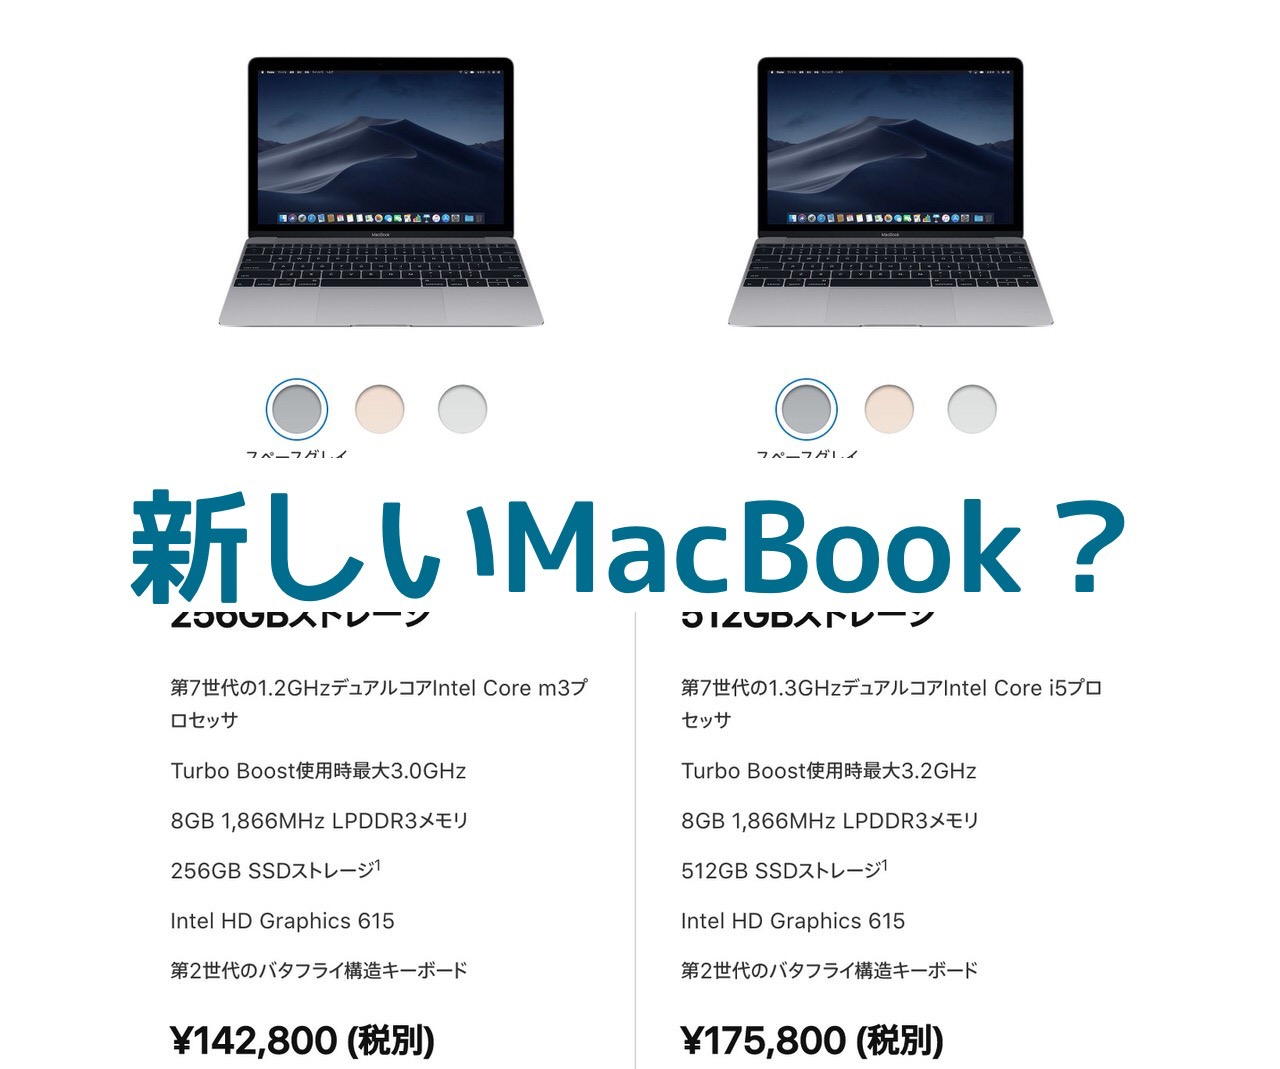 新しい「MacBook」か?ユーラシア経済委員会に未発表モデルが登録される